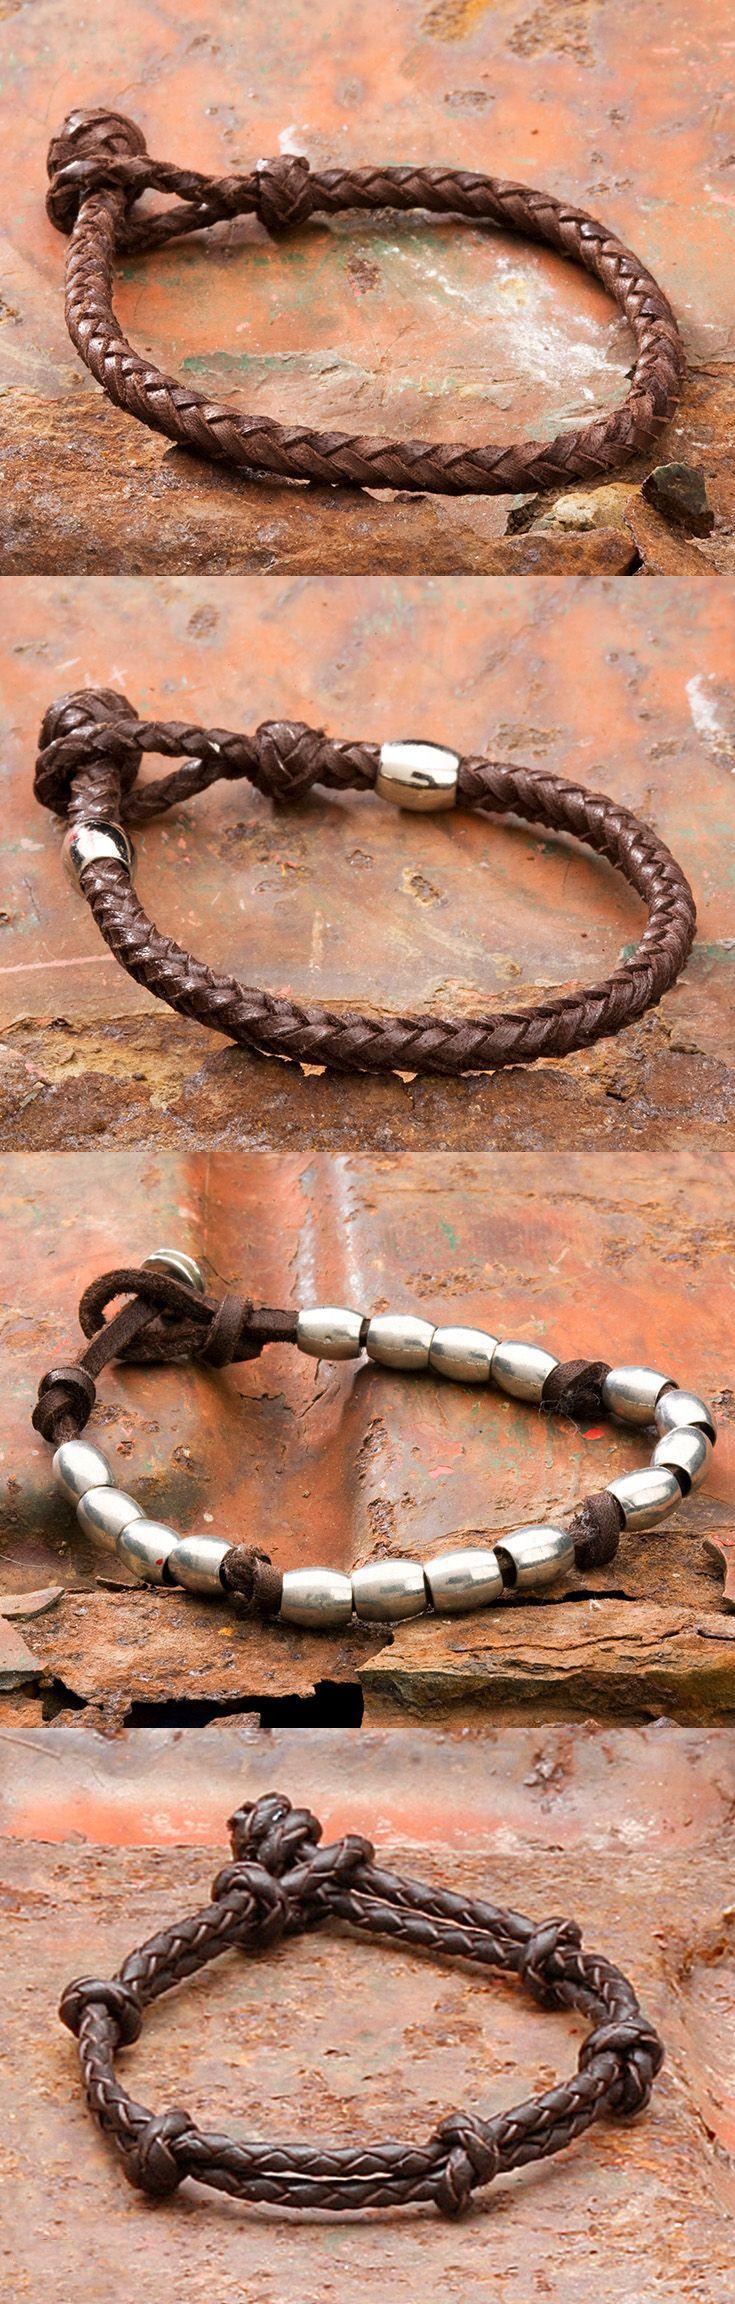 Leather bracelets soft, casual design.  Col. Littleton